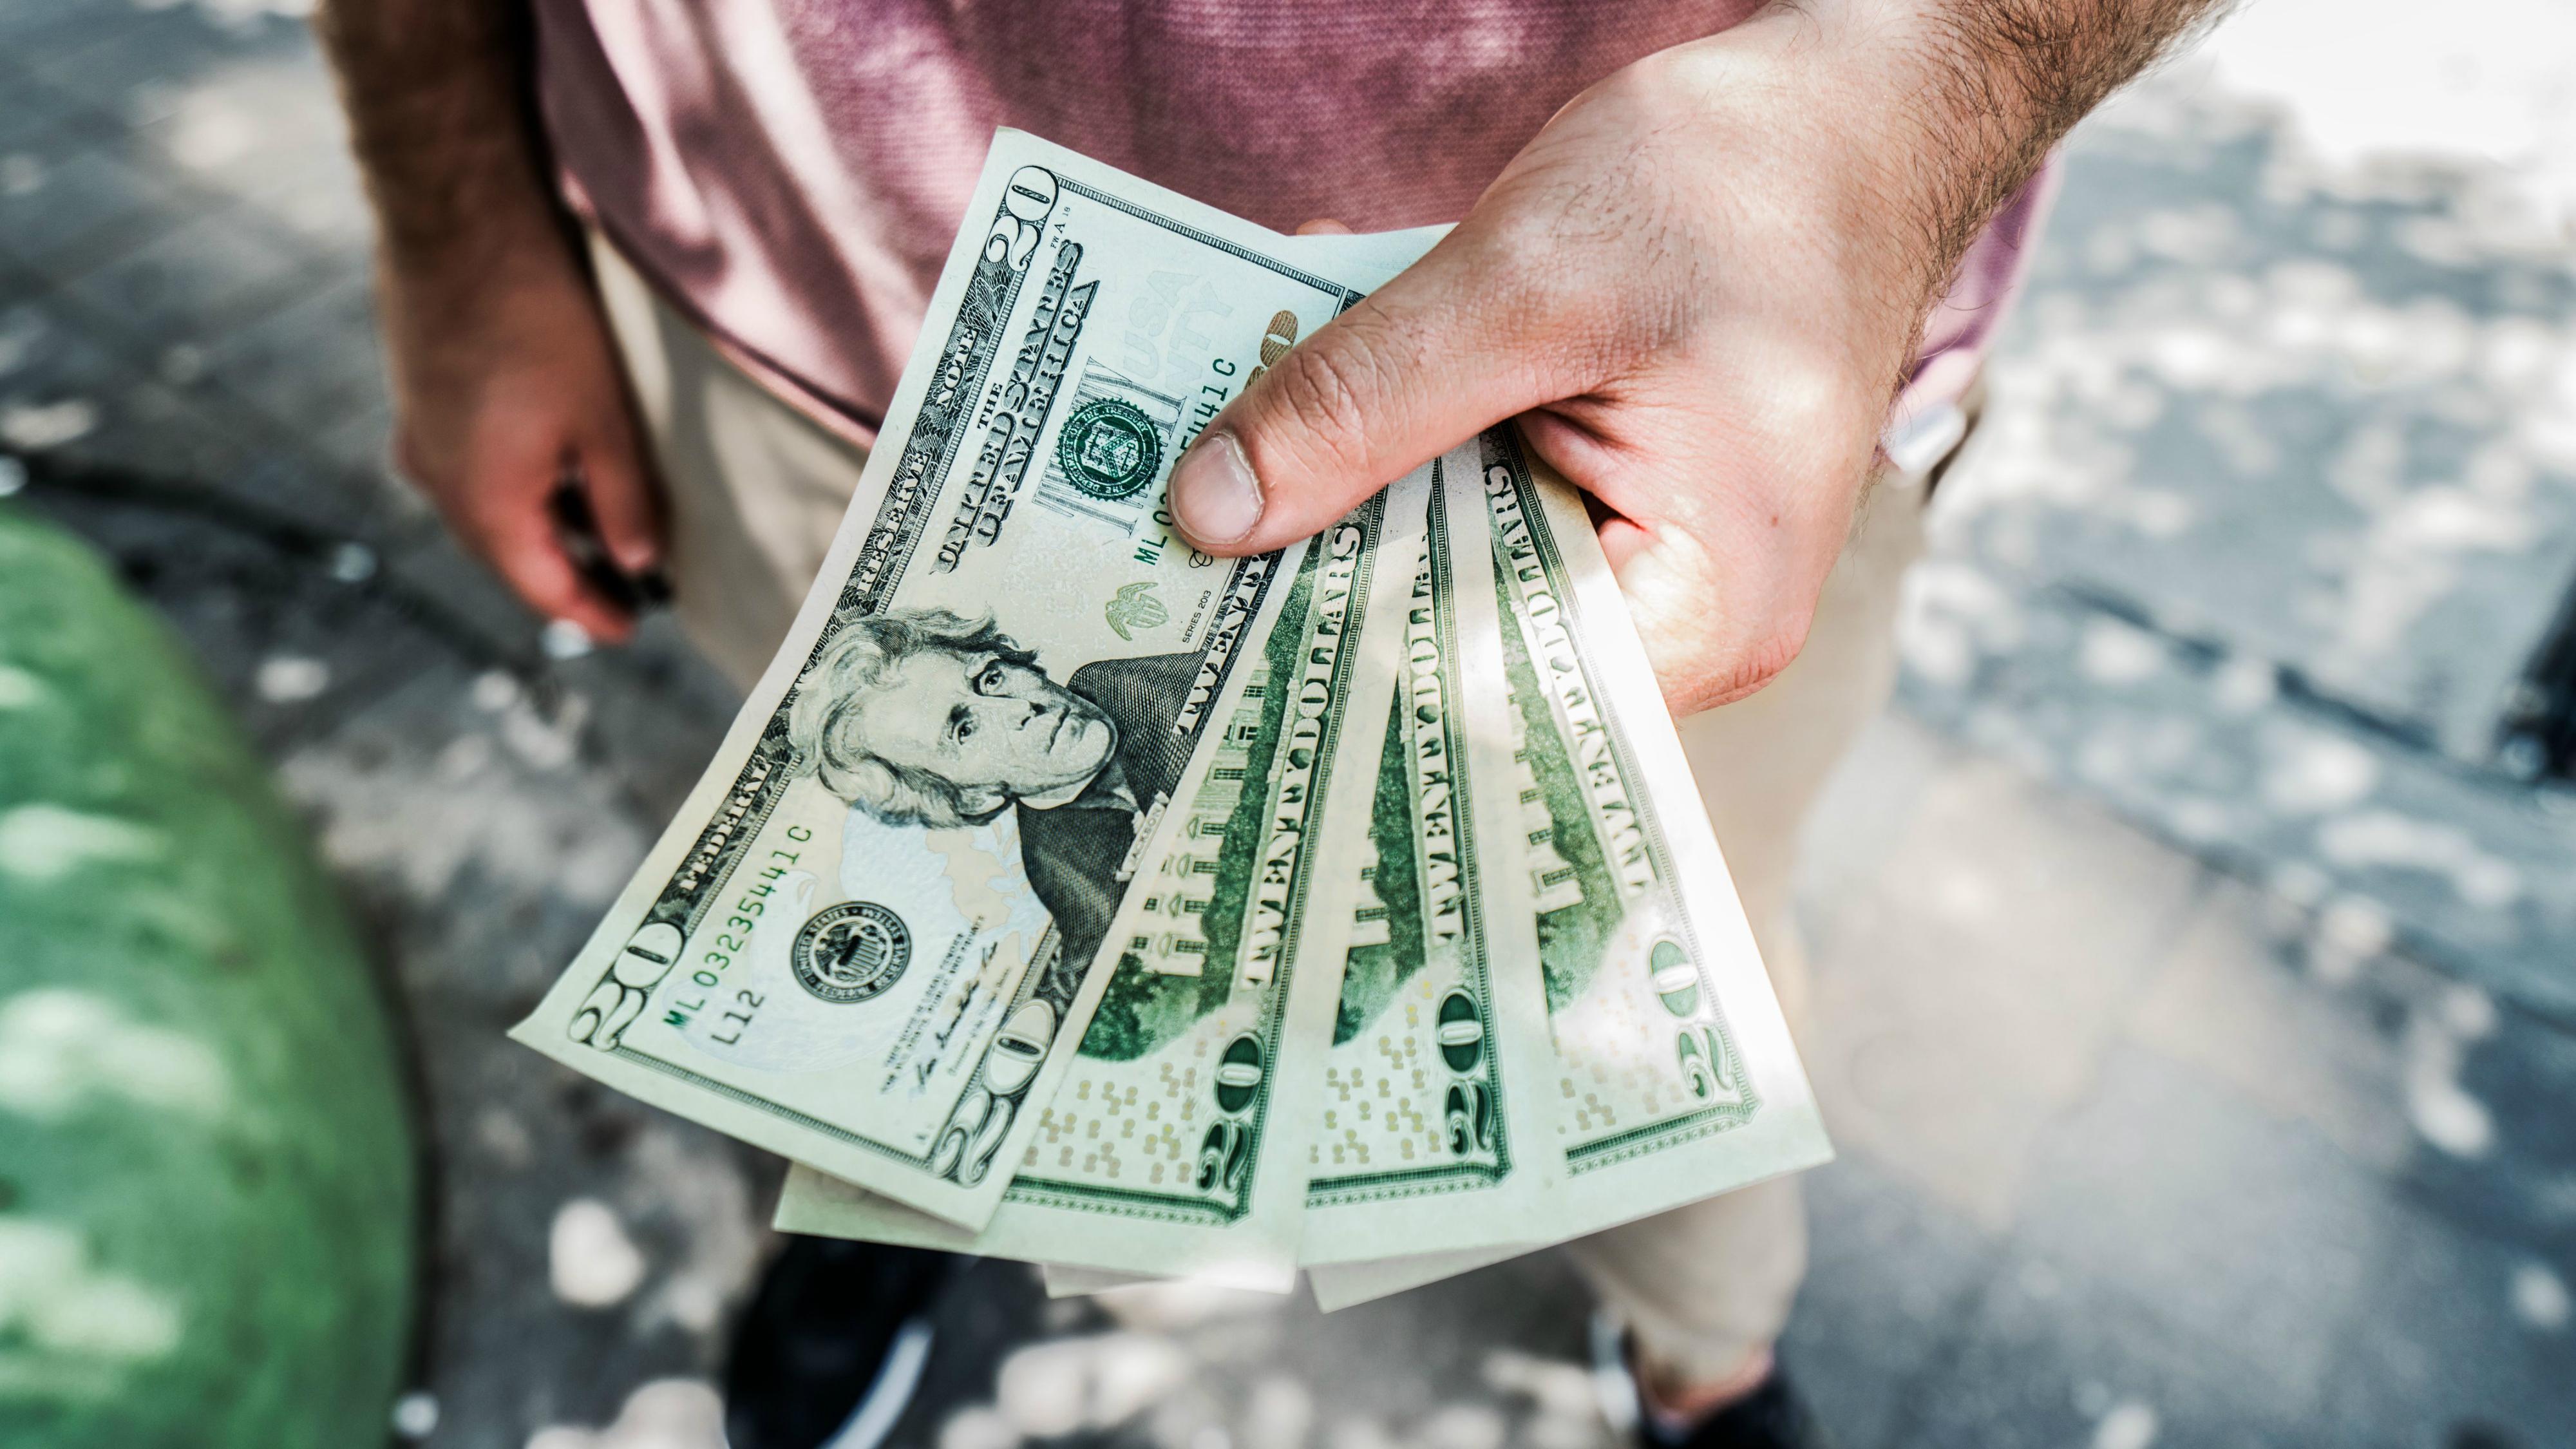 kur kurā valstī labāk nopelnīt naudu